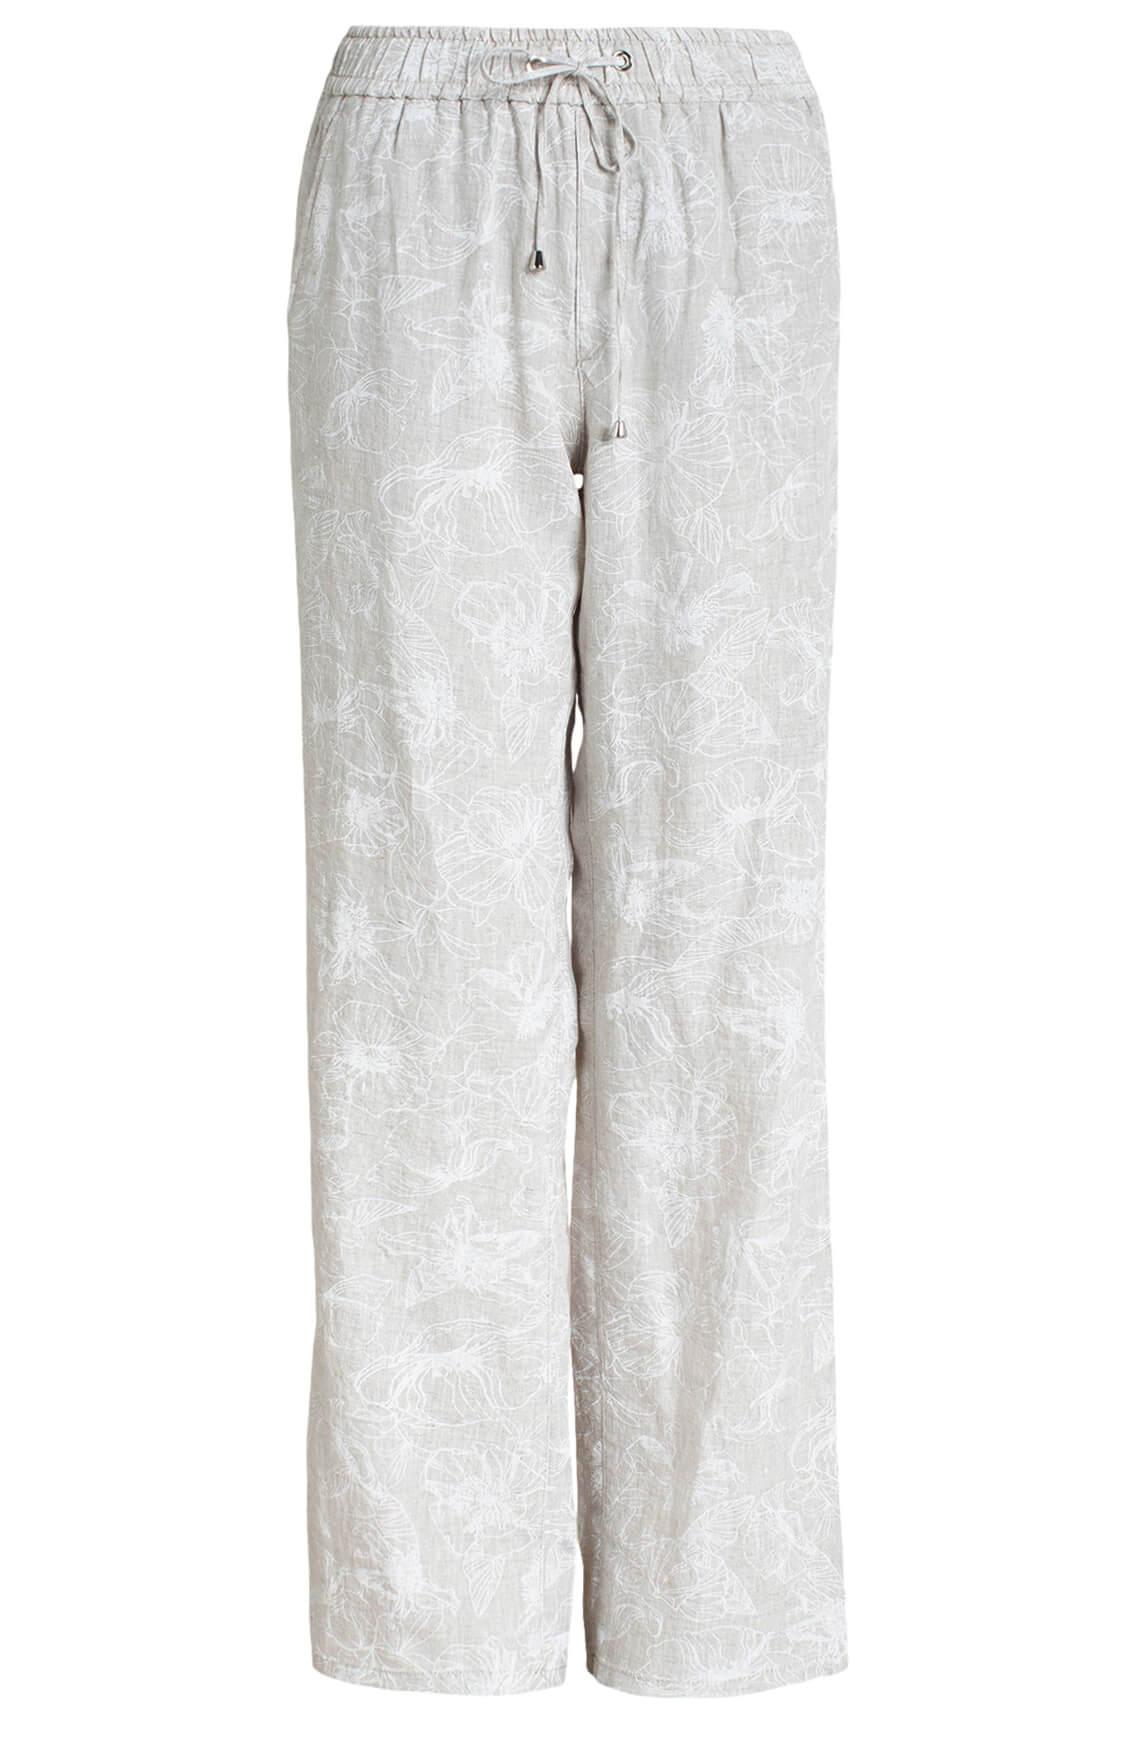 Ongebruikt Rosner Dames May linnen broek Ecru | Anna van Toor VA-12